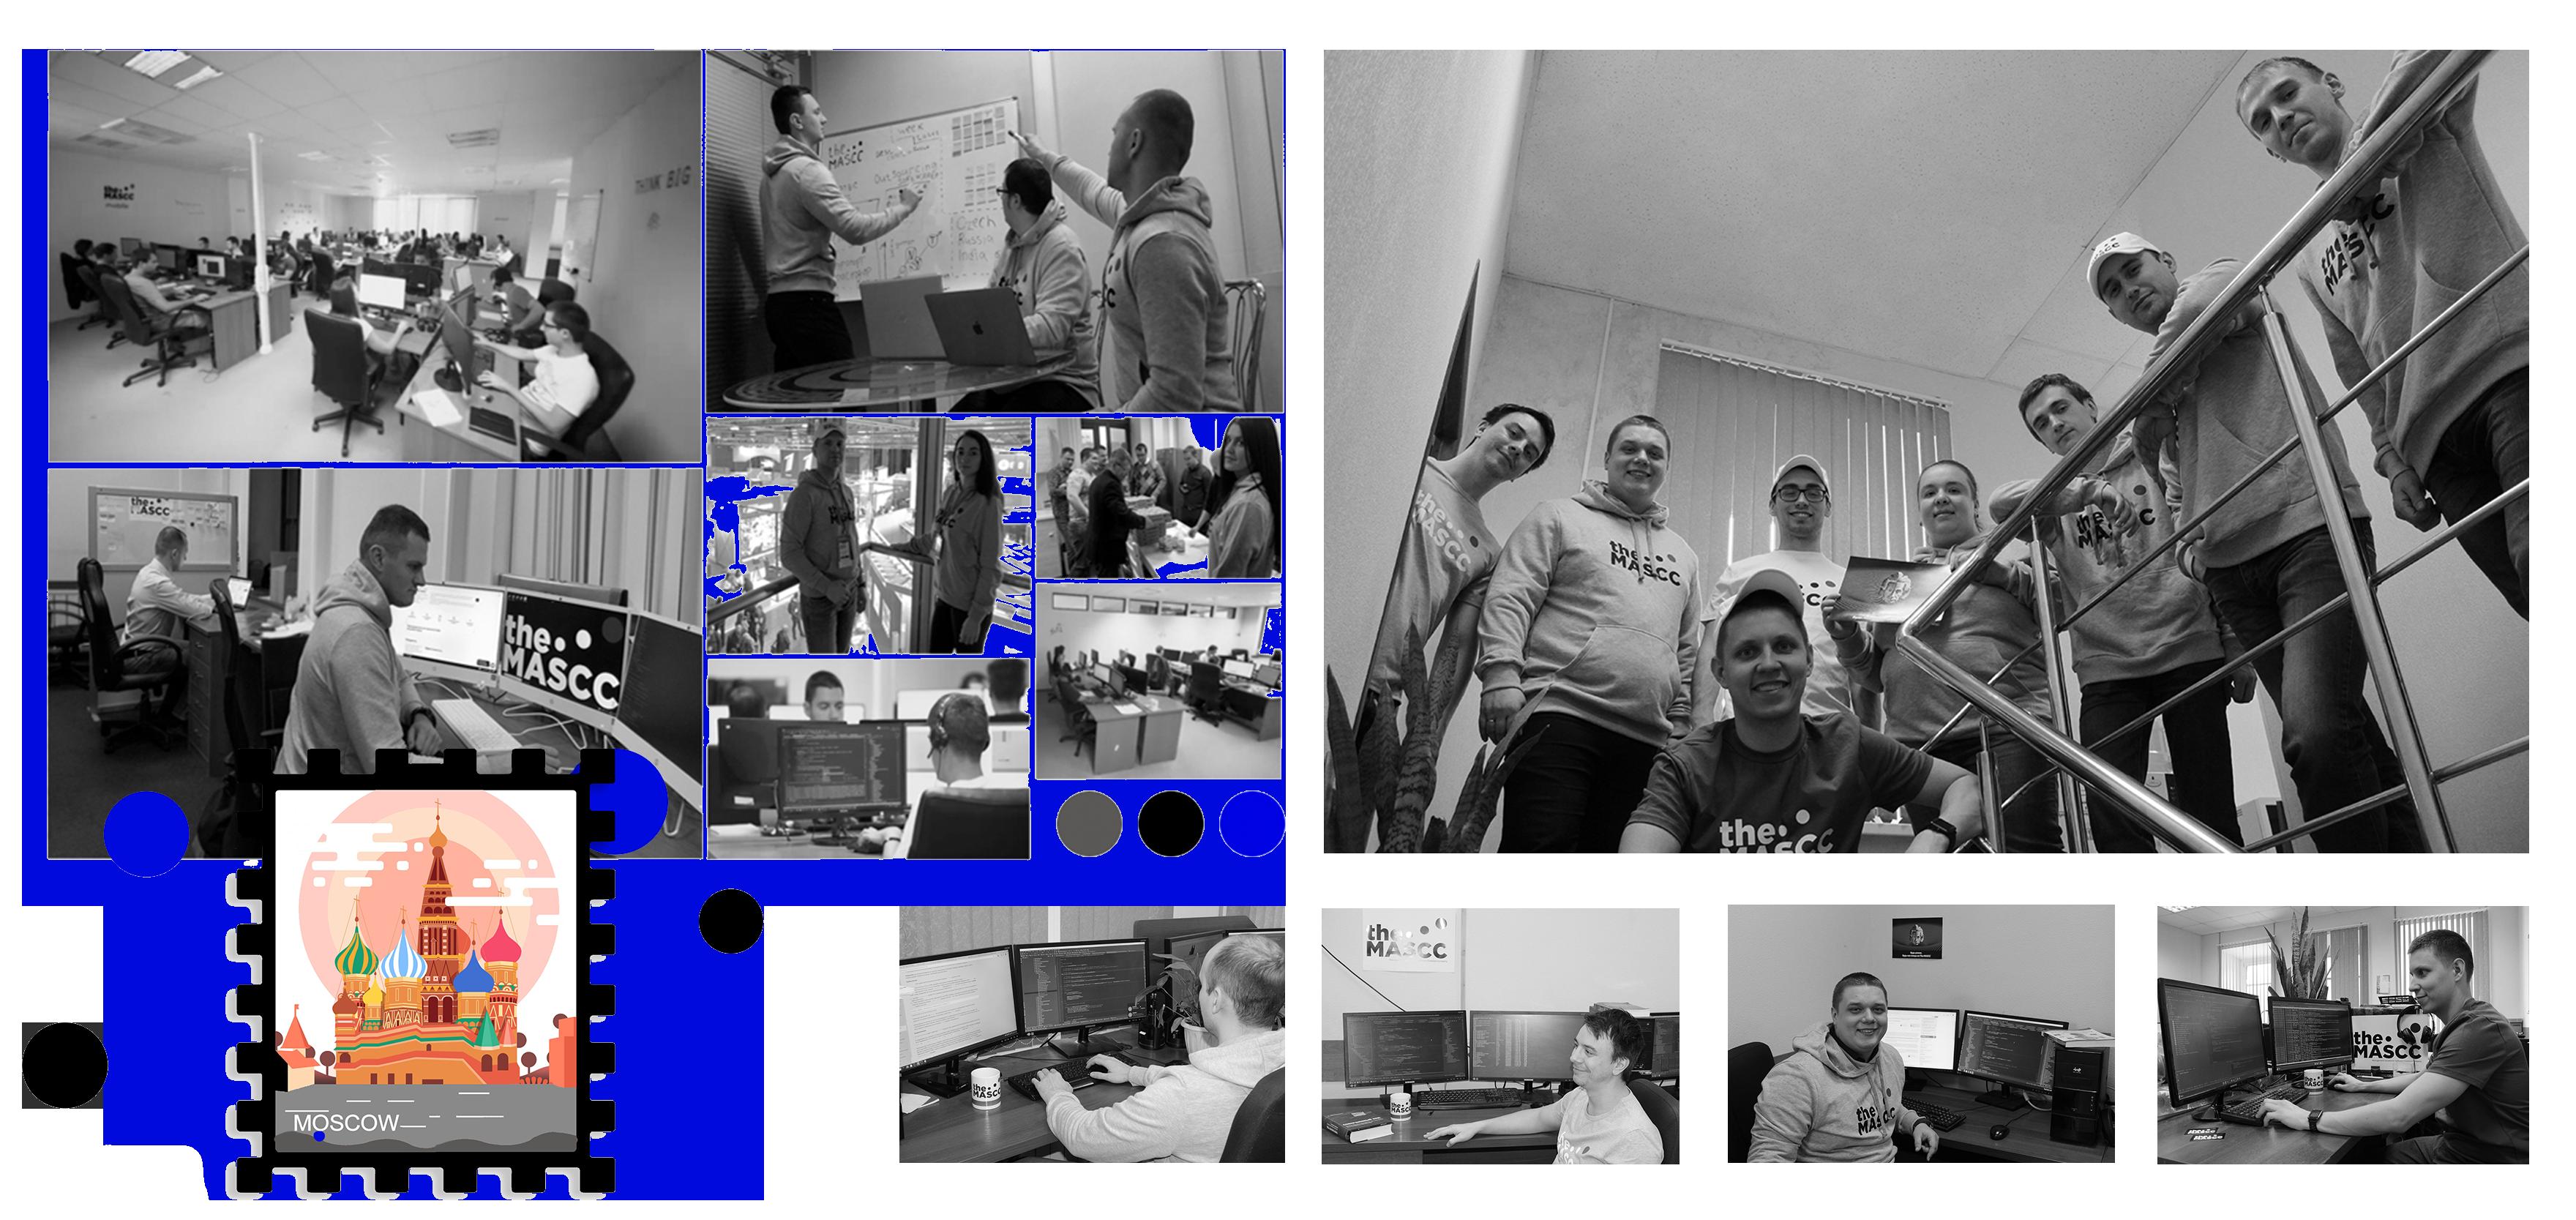 Офис - Москва The MASCC | The MASCC